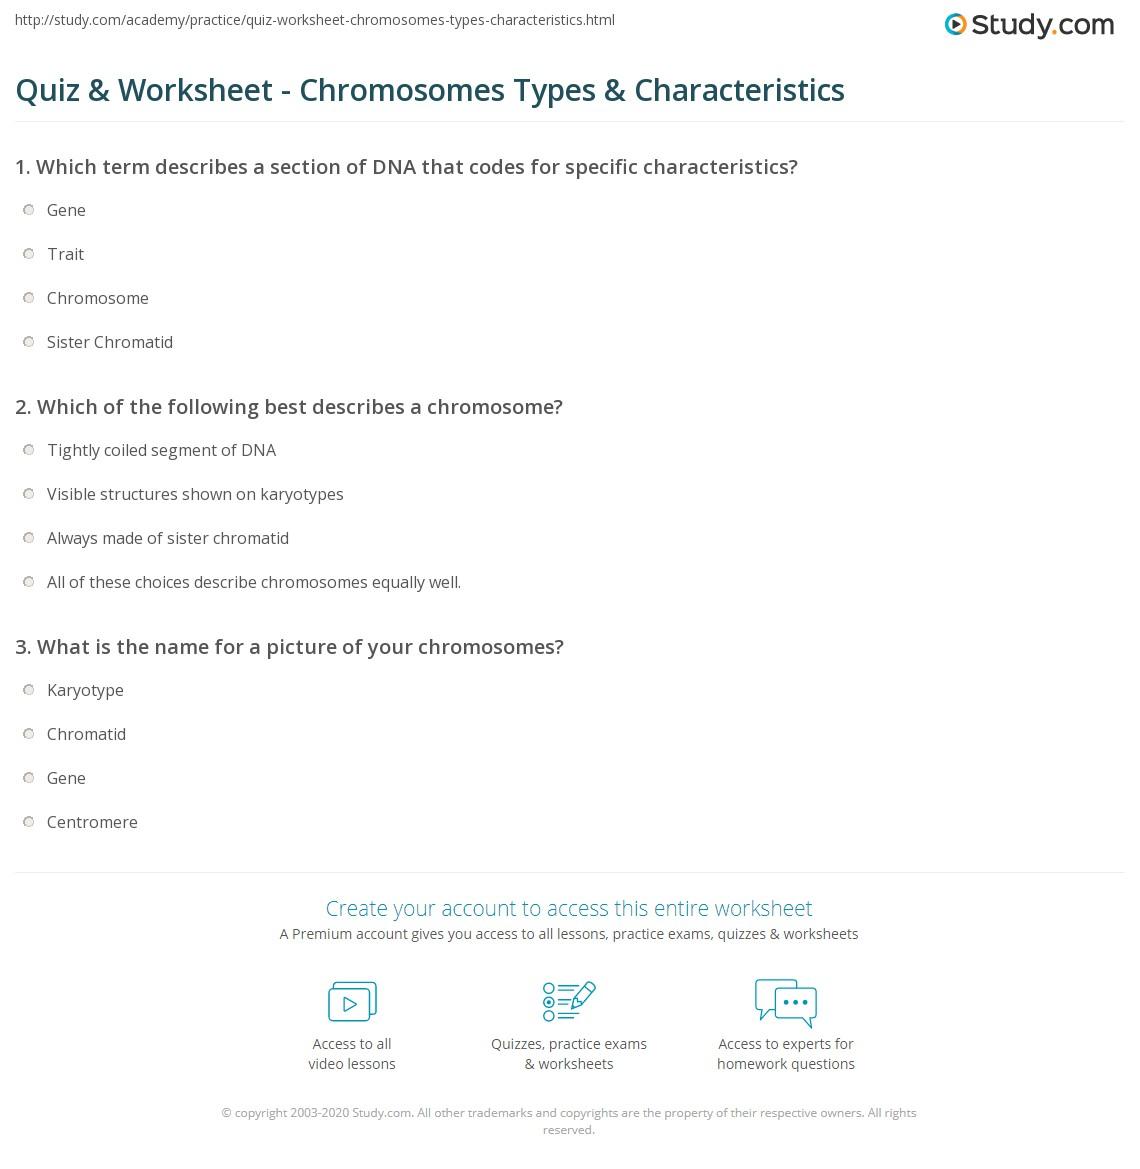 Quiz Worksheet Chromosomes Types Characteristics – Chromosomes Worksheet